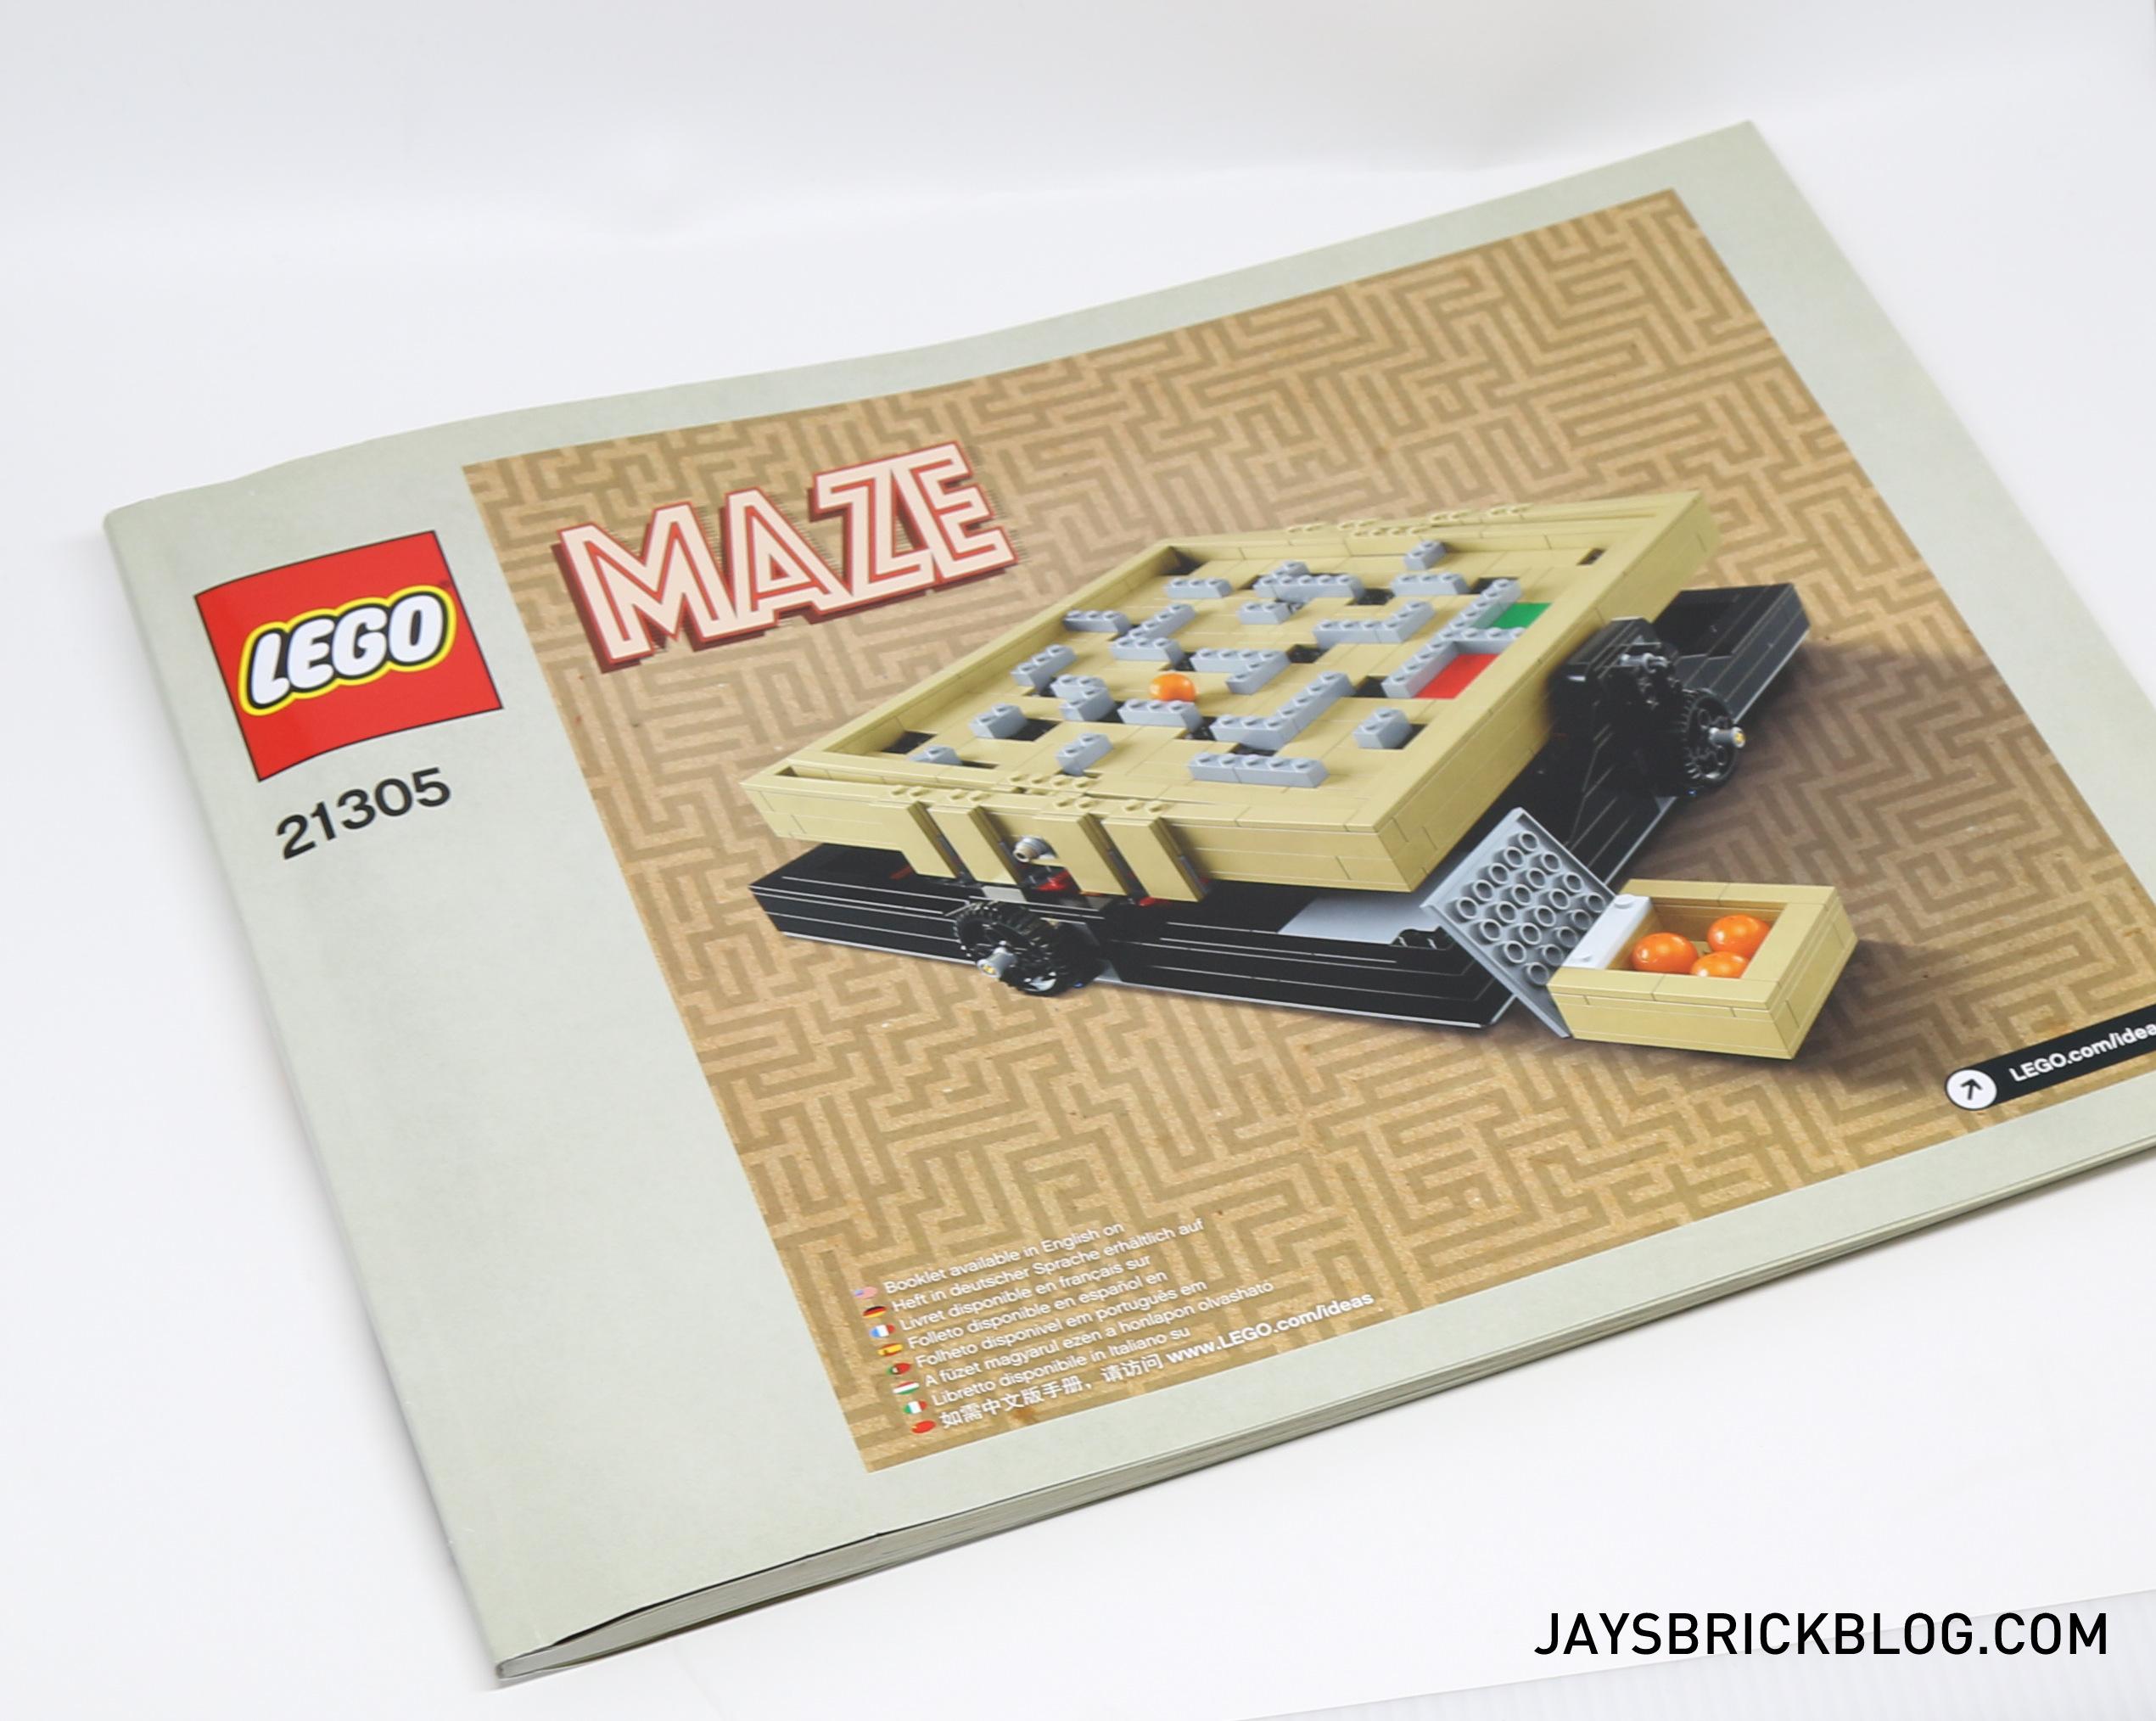 Review Lego 21305 Ideas Maze